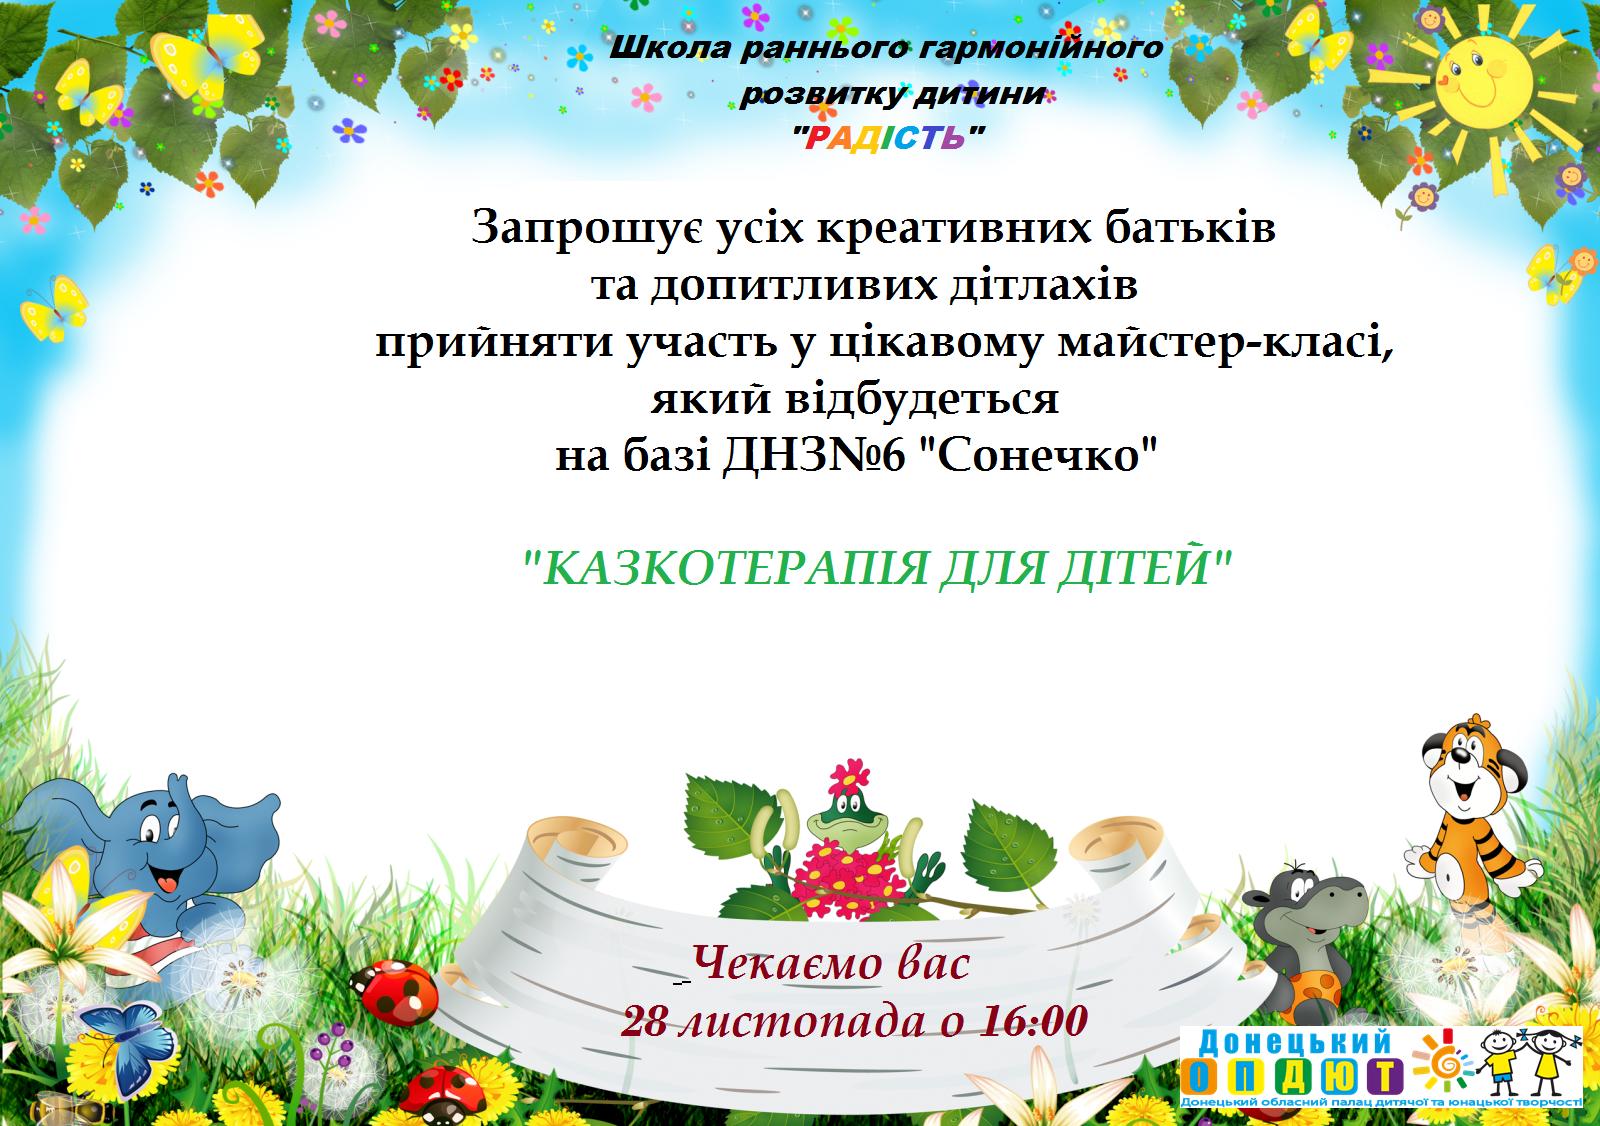 Запрошення на Казкотерапію для дітей